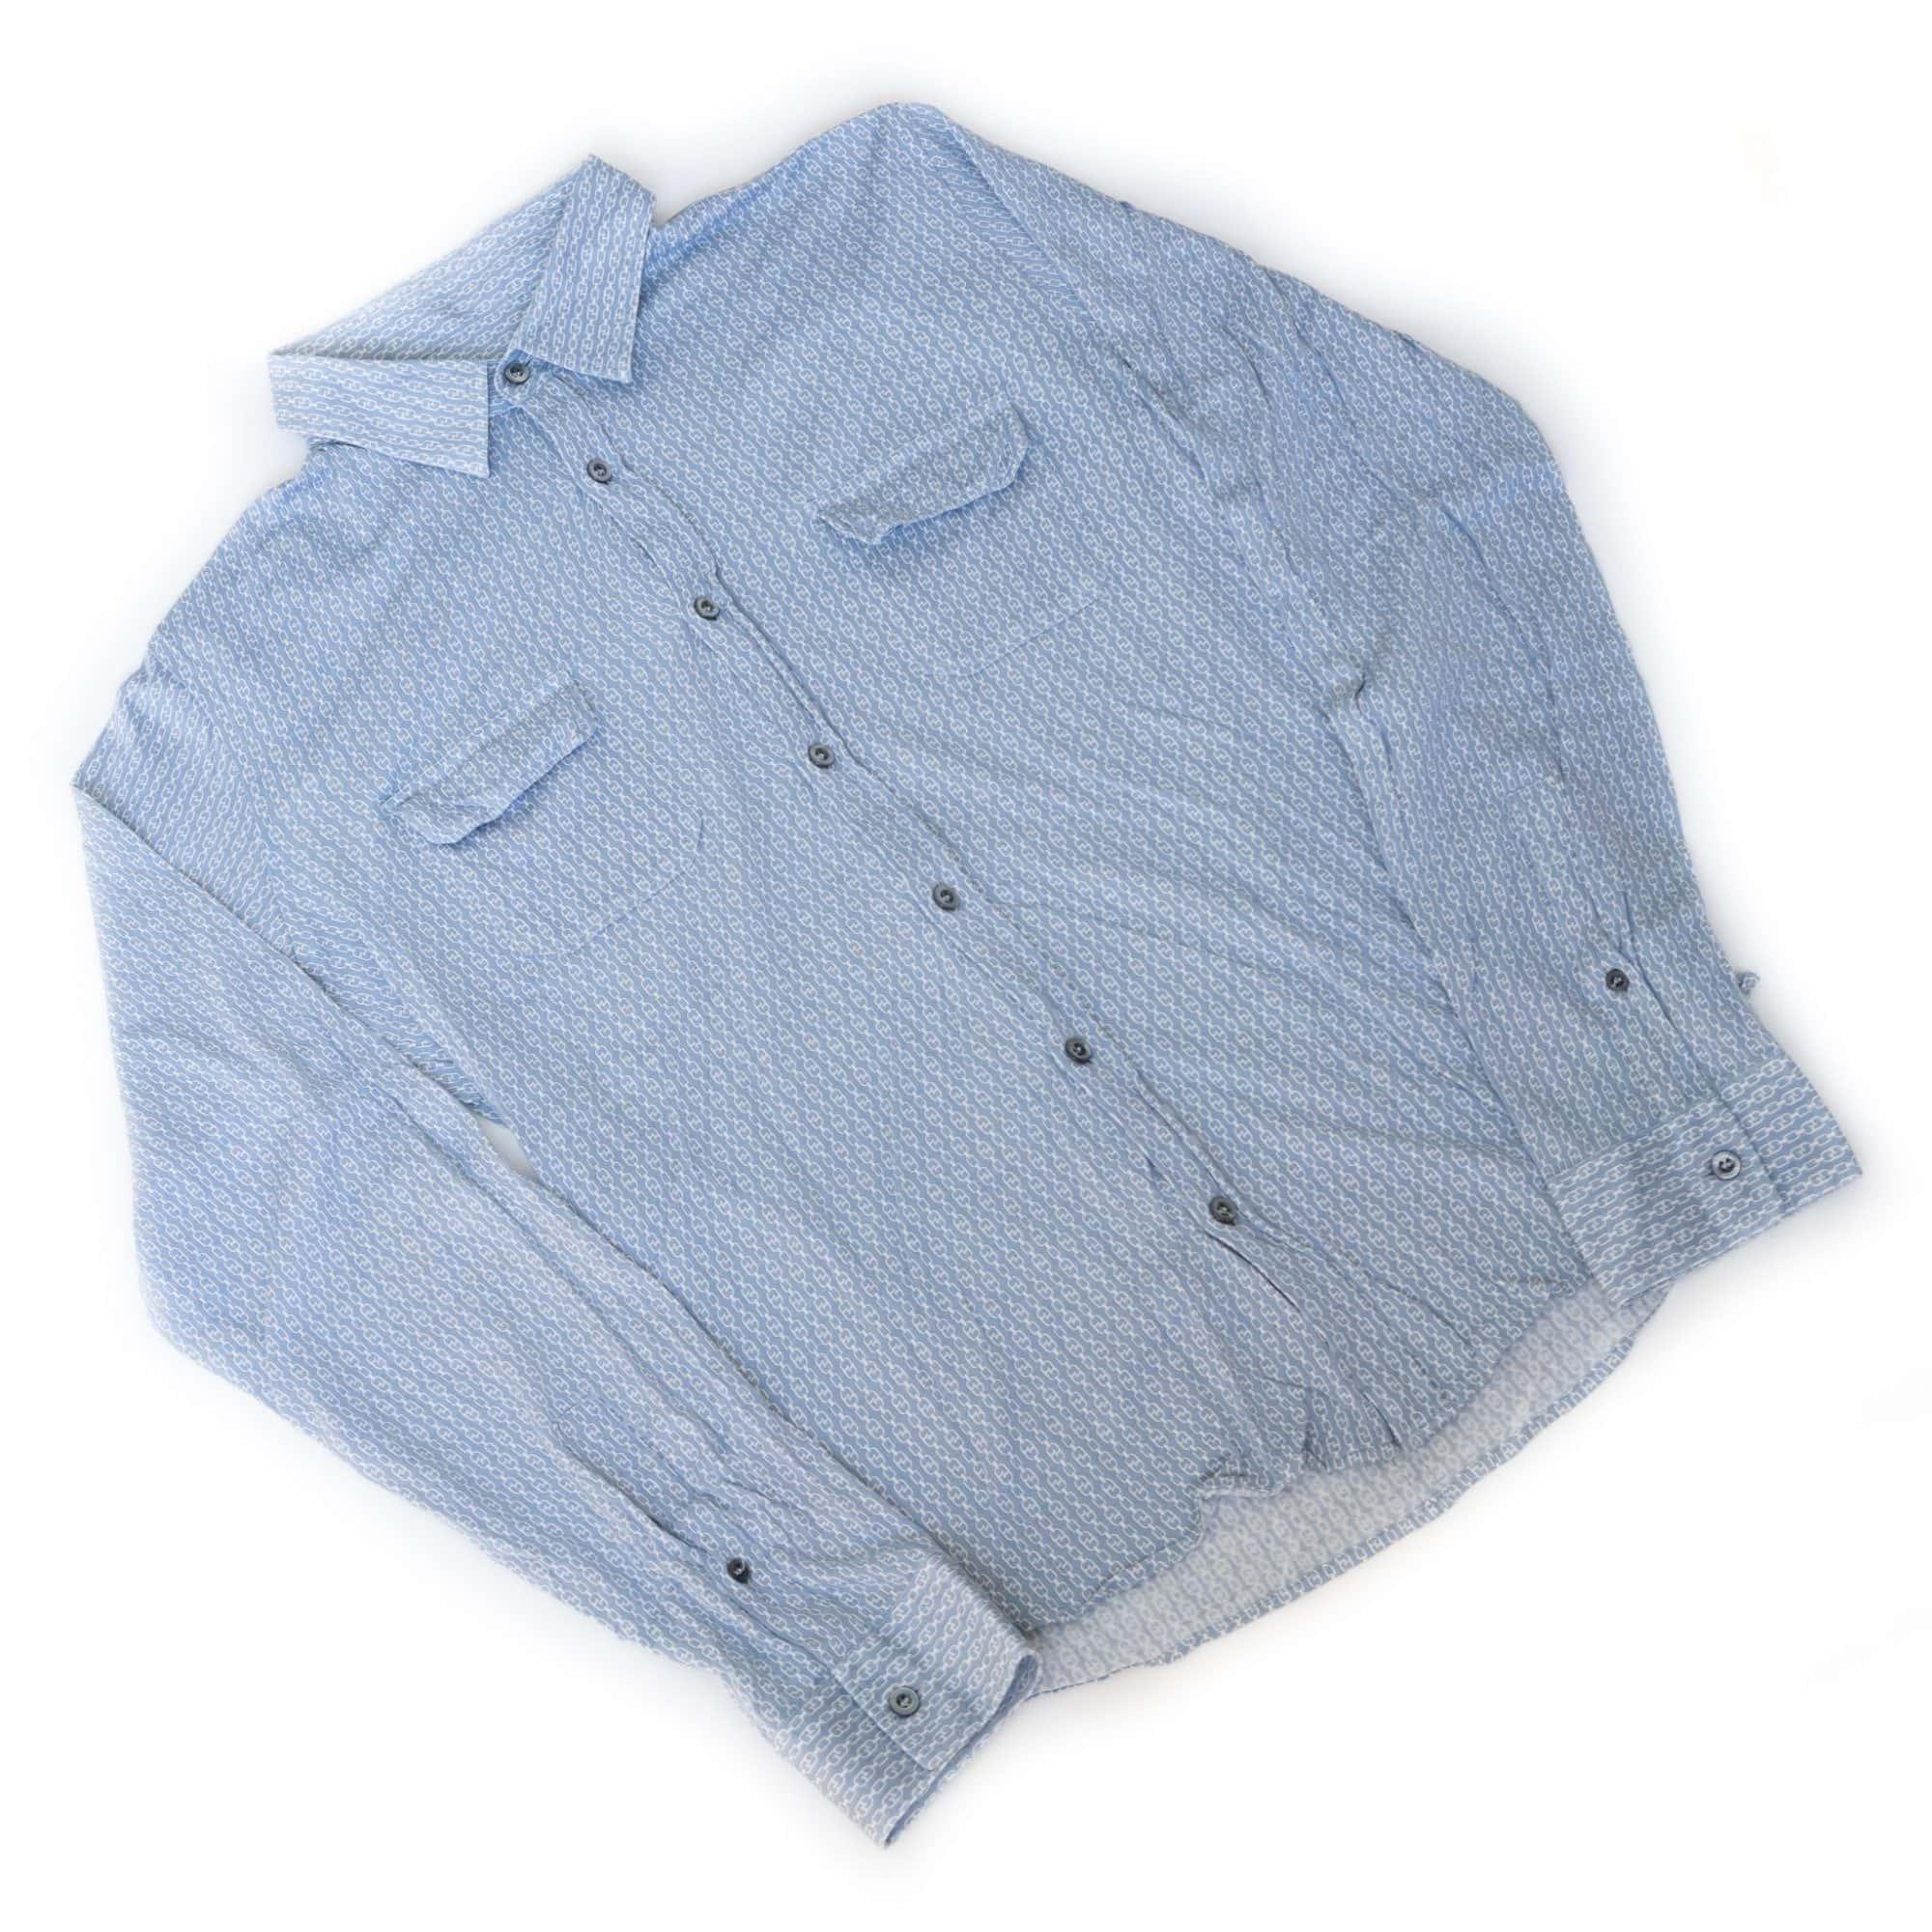 gebraucht kaufen Gucci Ketten Hemd